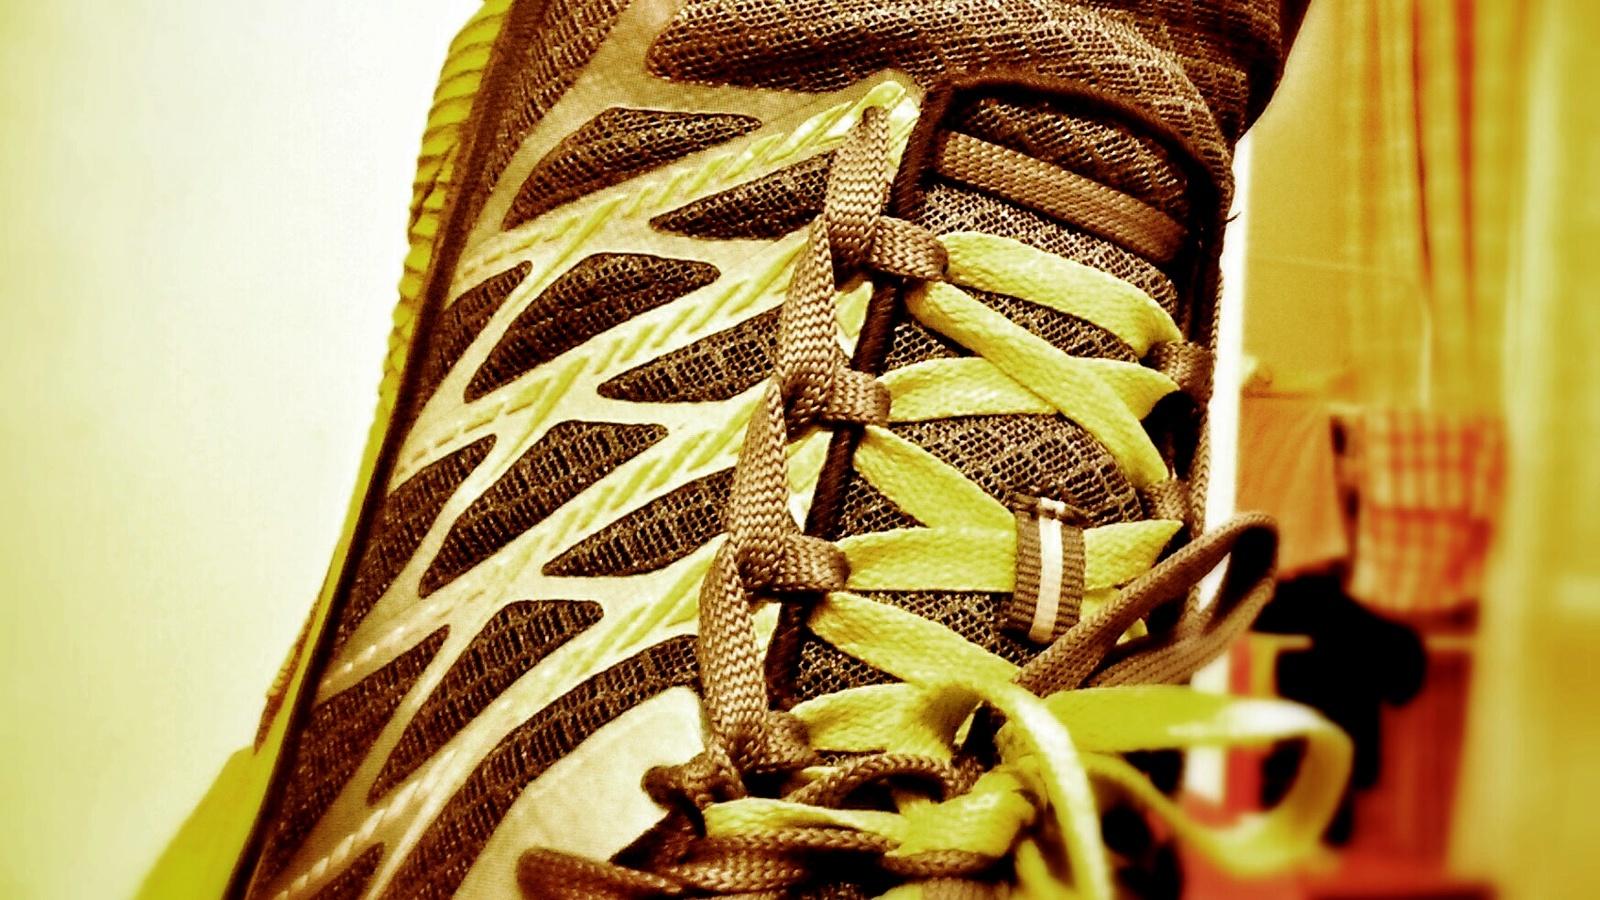 Zaawansowane sznurowanie butów do biegania